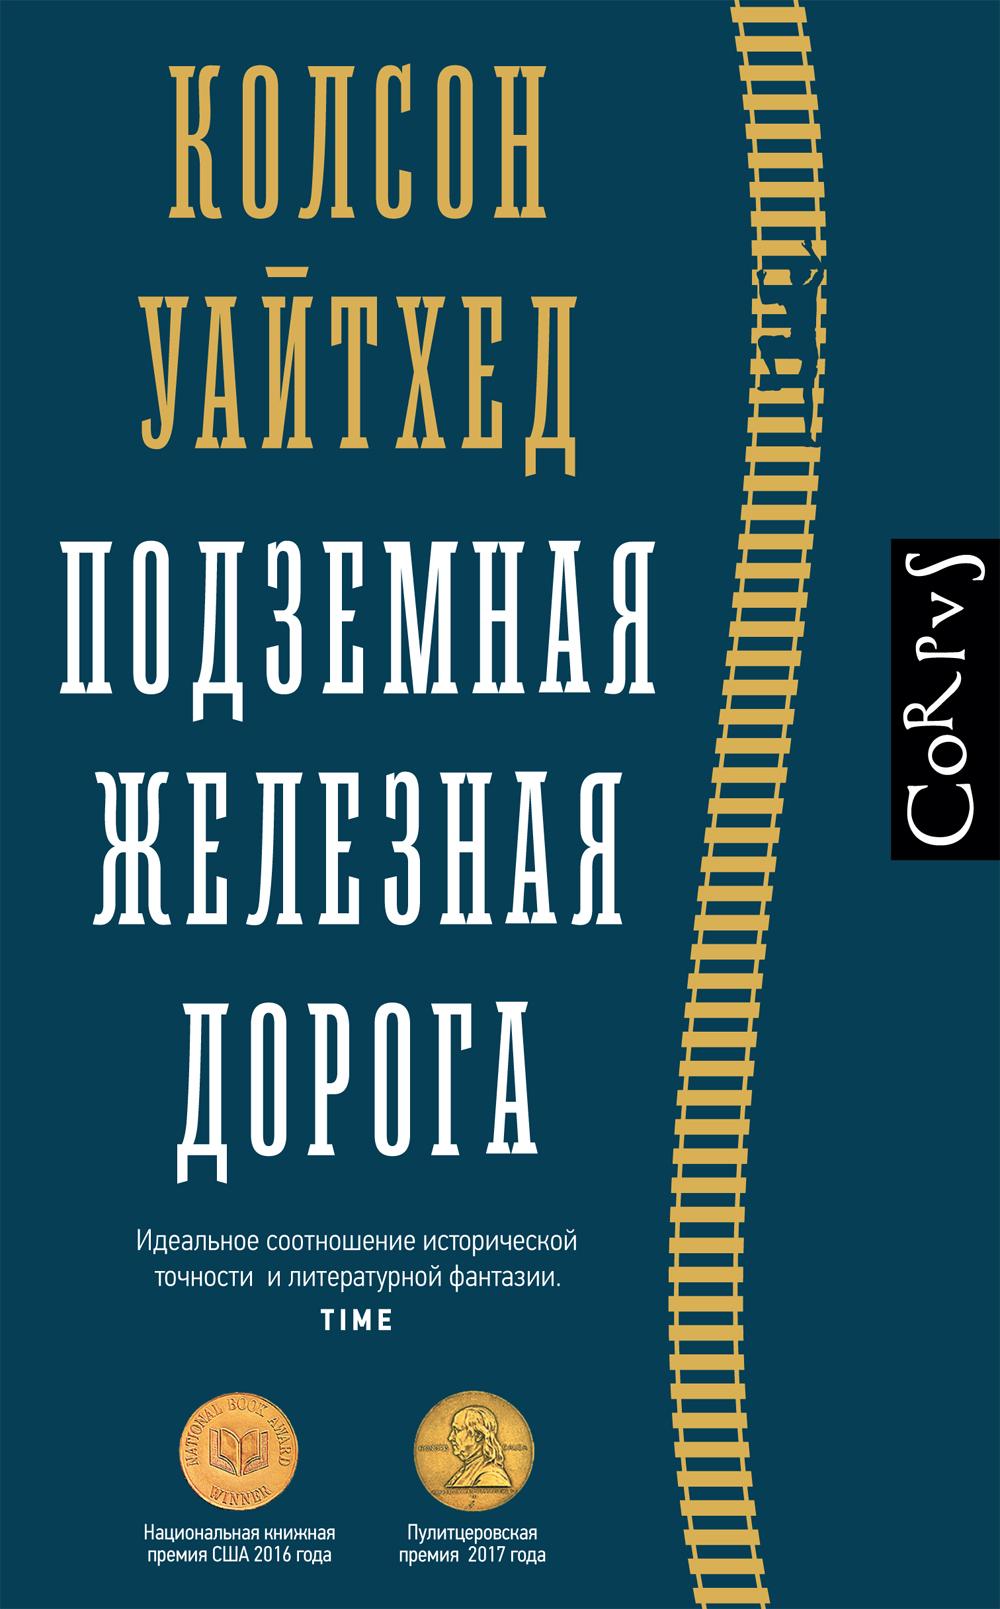 25 главных книг 2010-2019 | Канобу - Изображение 7310